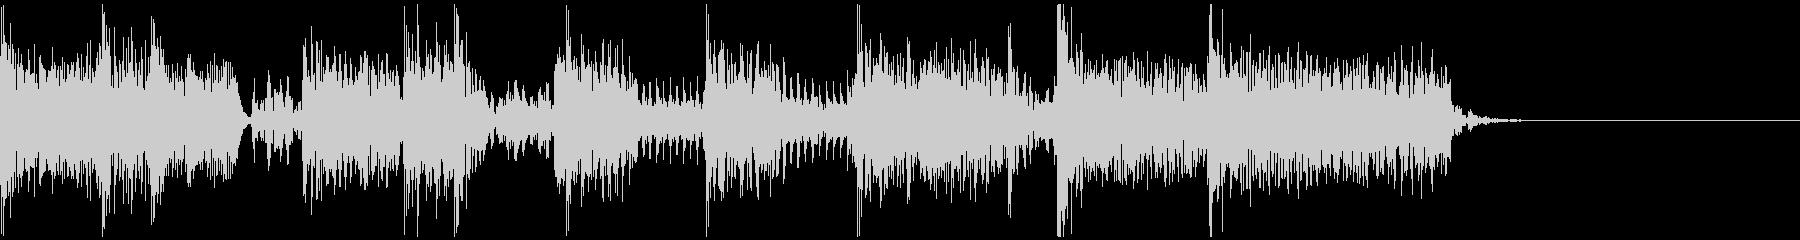 ロックンロールギタージングルの未再生の波形